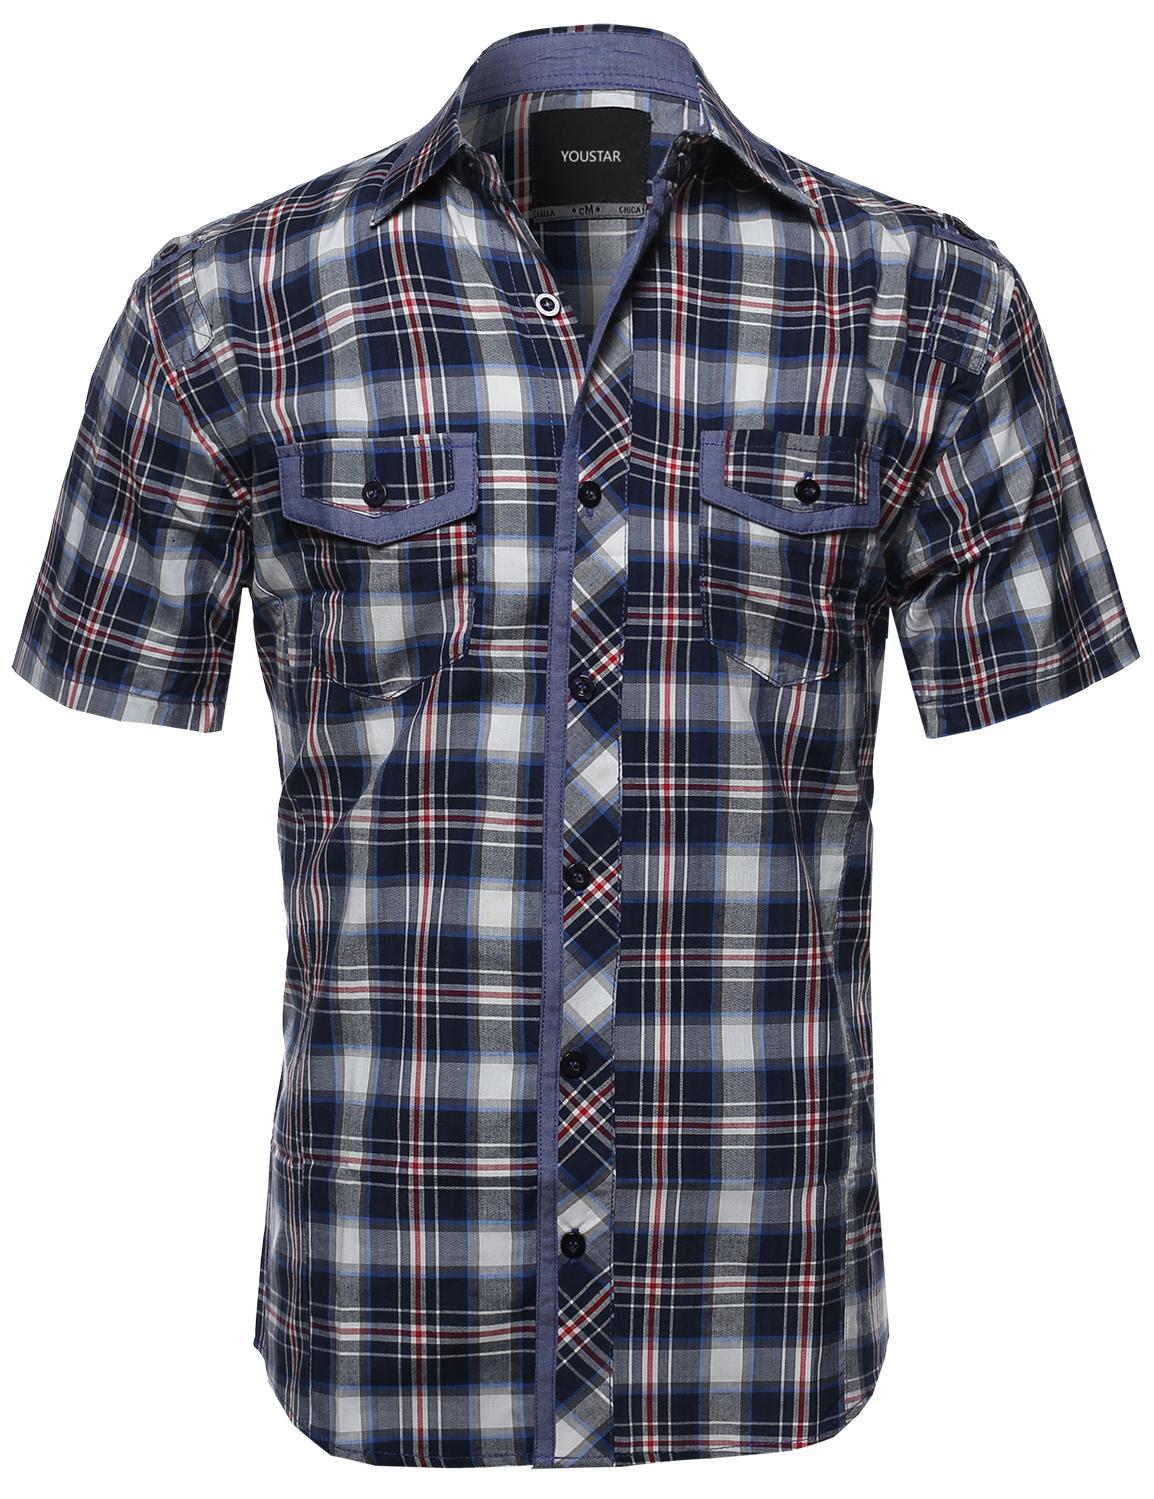 Fashionoutfit Men 39 S Casual Short Sleeve Cotton Plaid